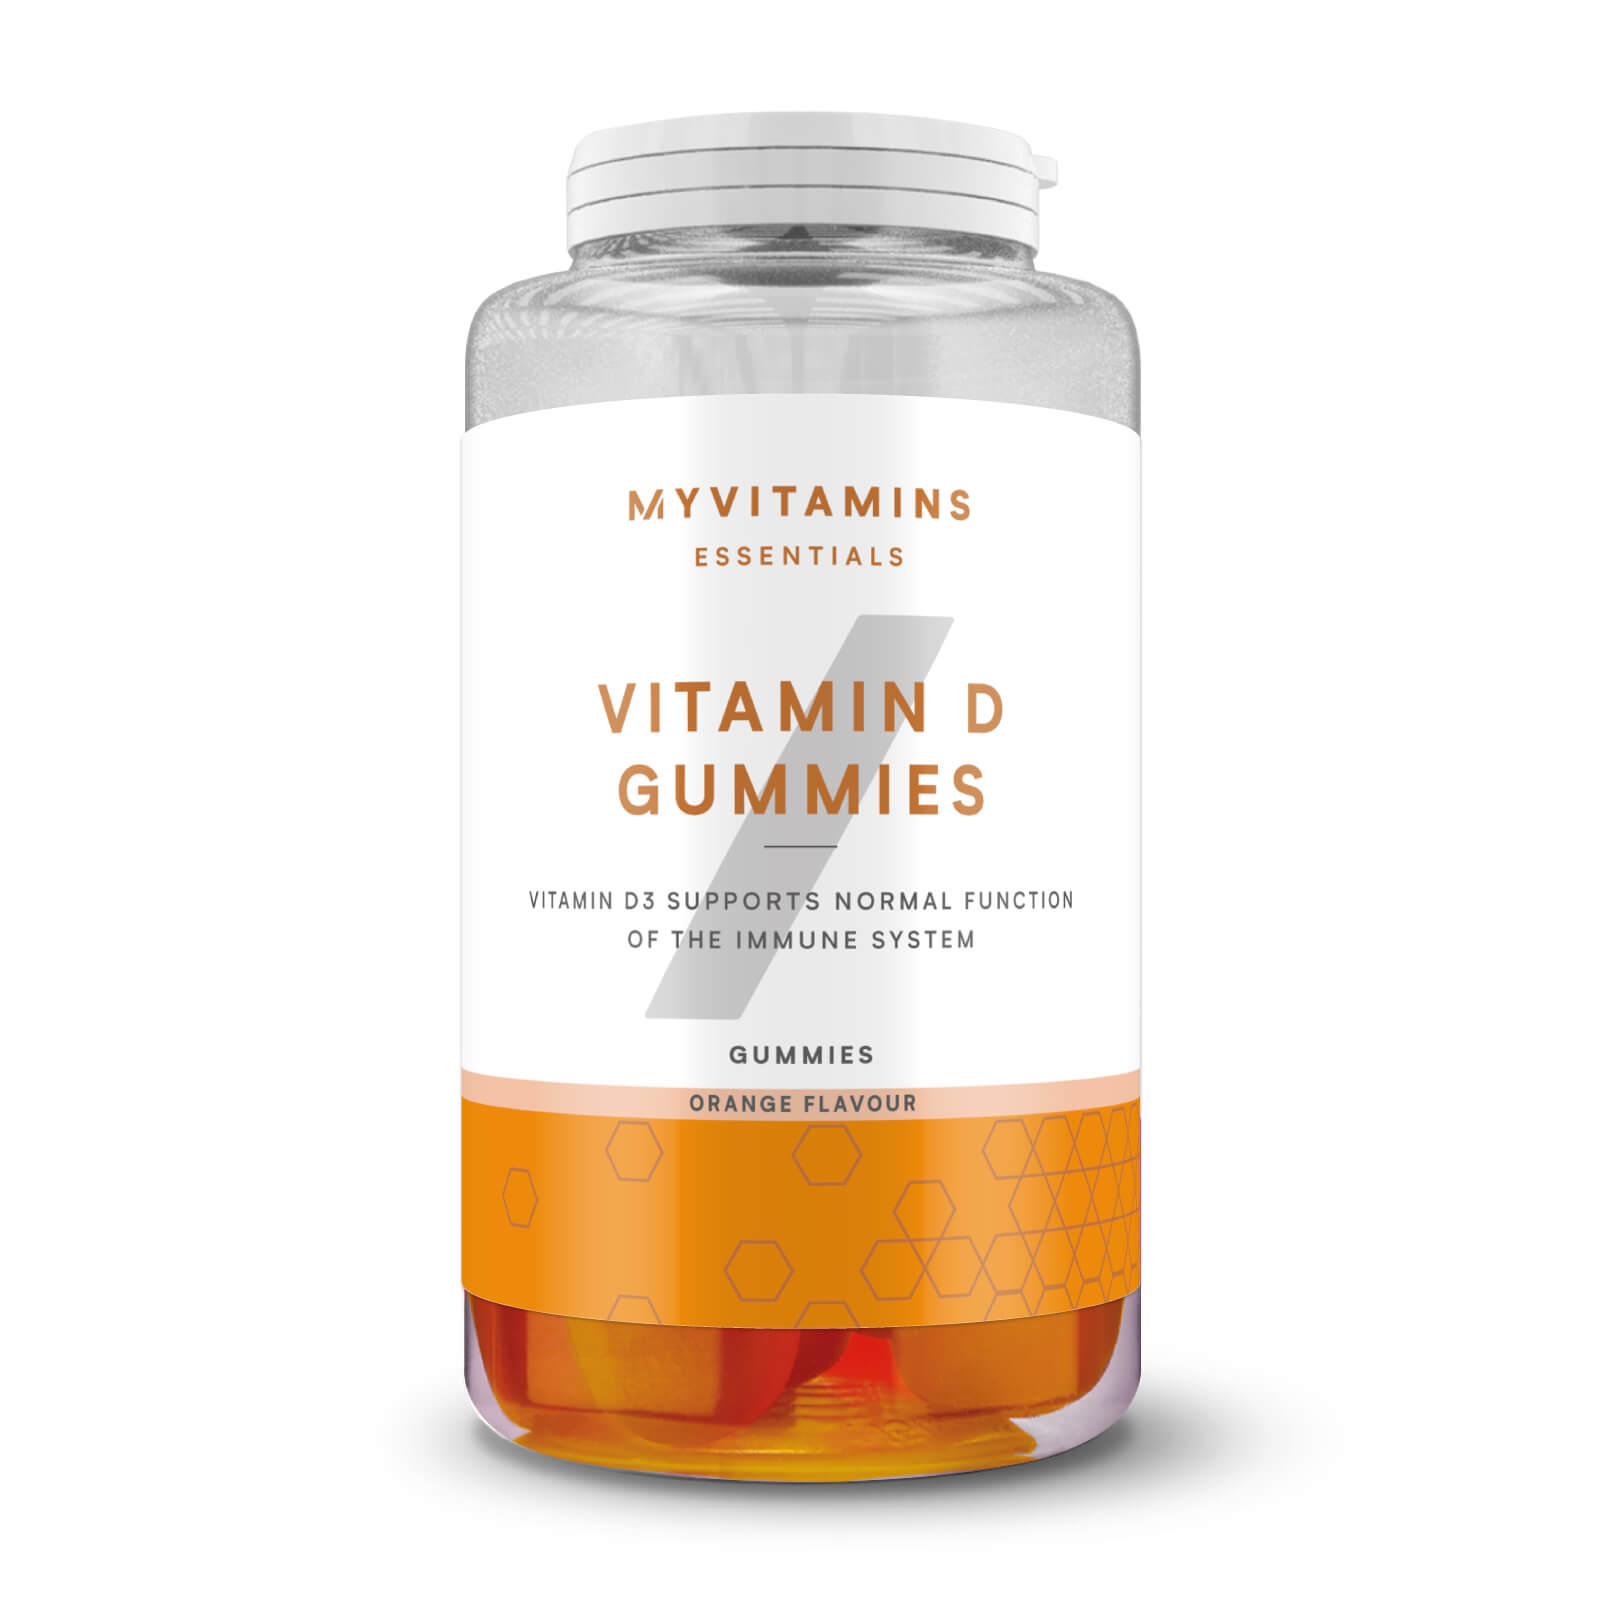 Купить Жевательный мармелад с витамином D - 60желатиновых капсул - Апельсин, Myprotein International